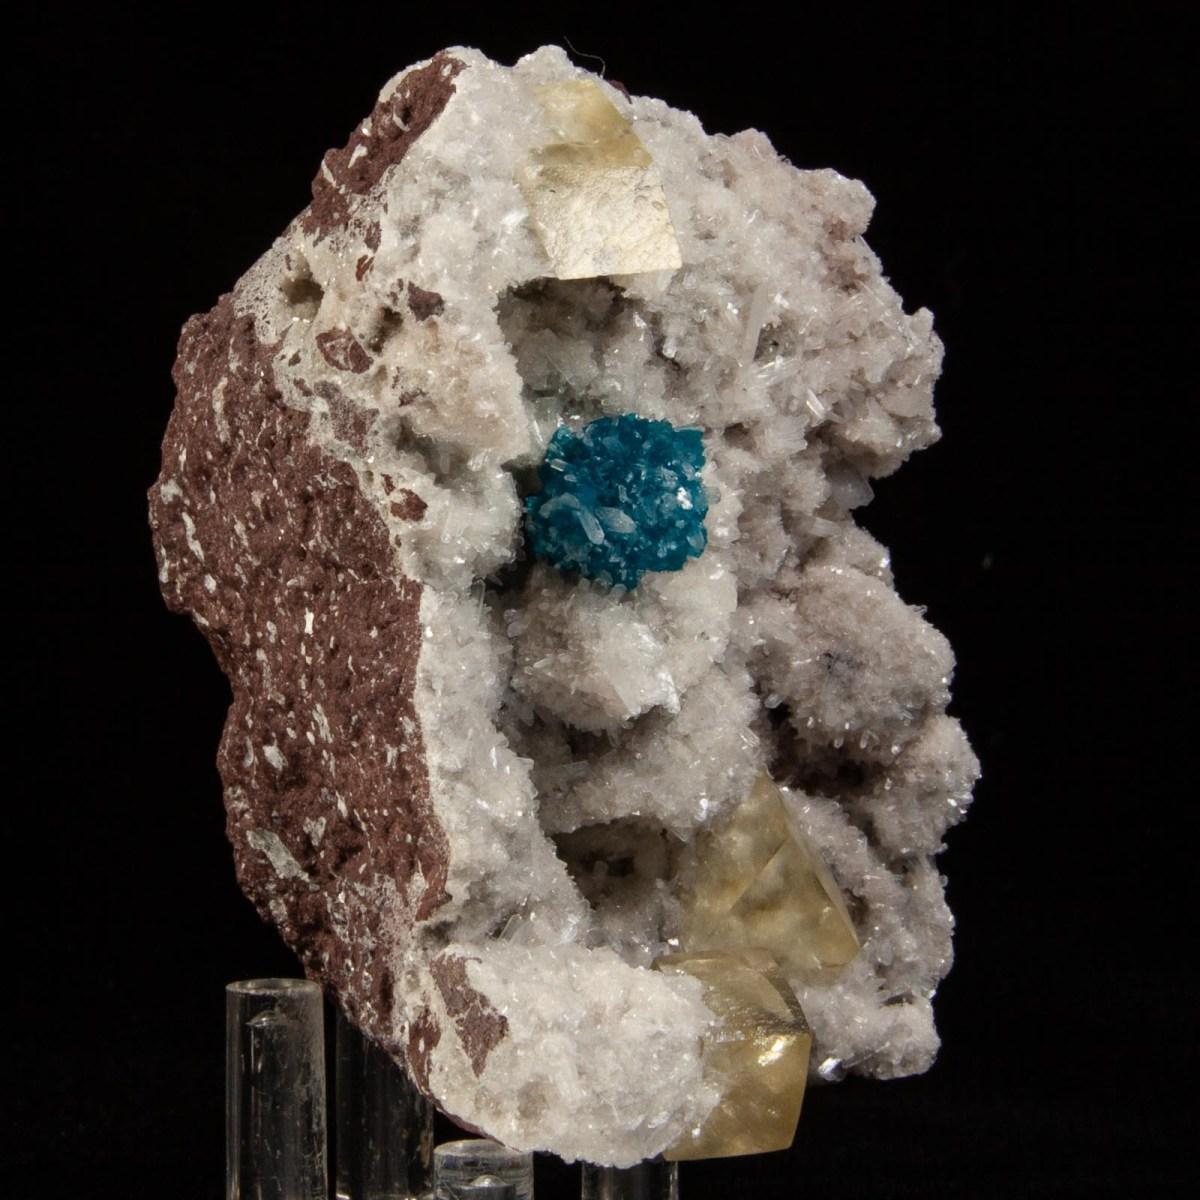 Cavansite with Stilbite and Calcite